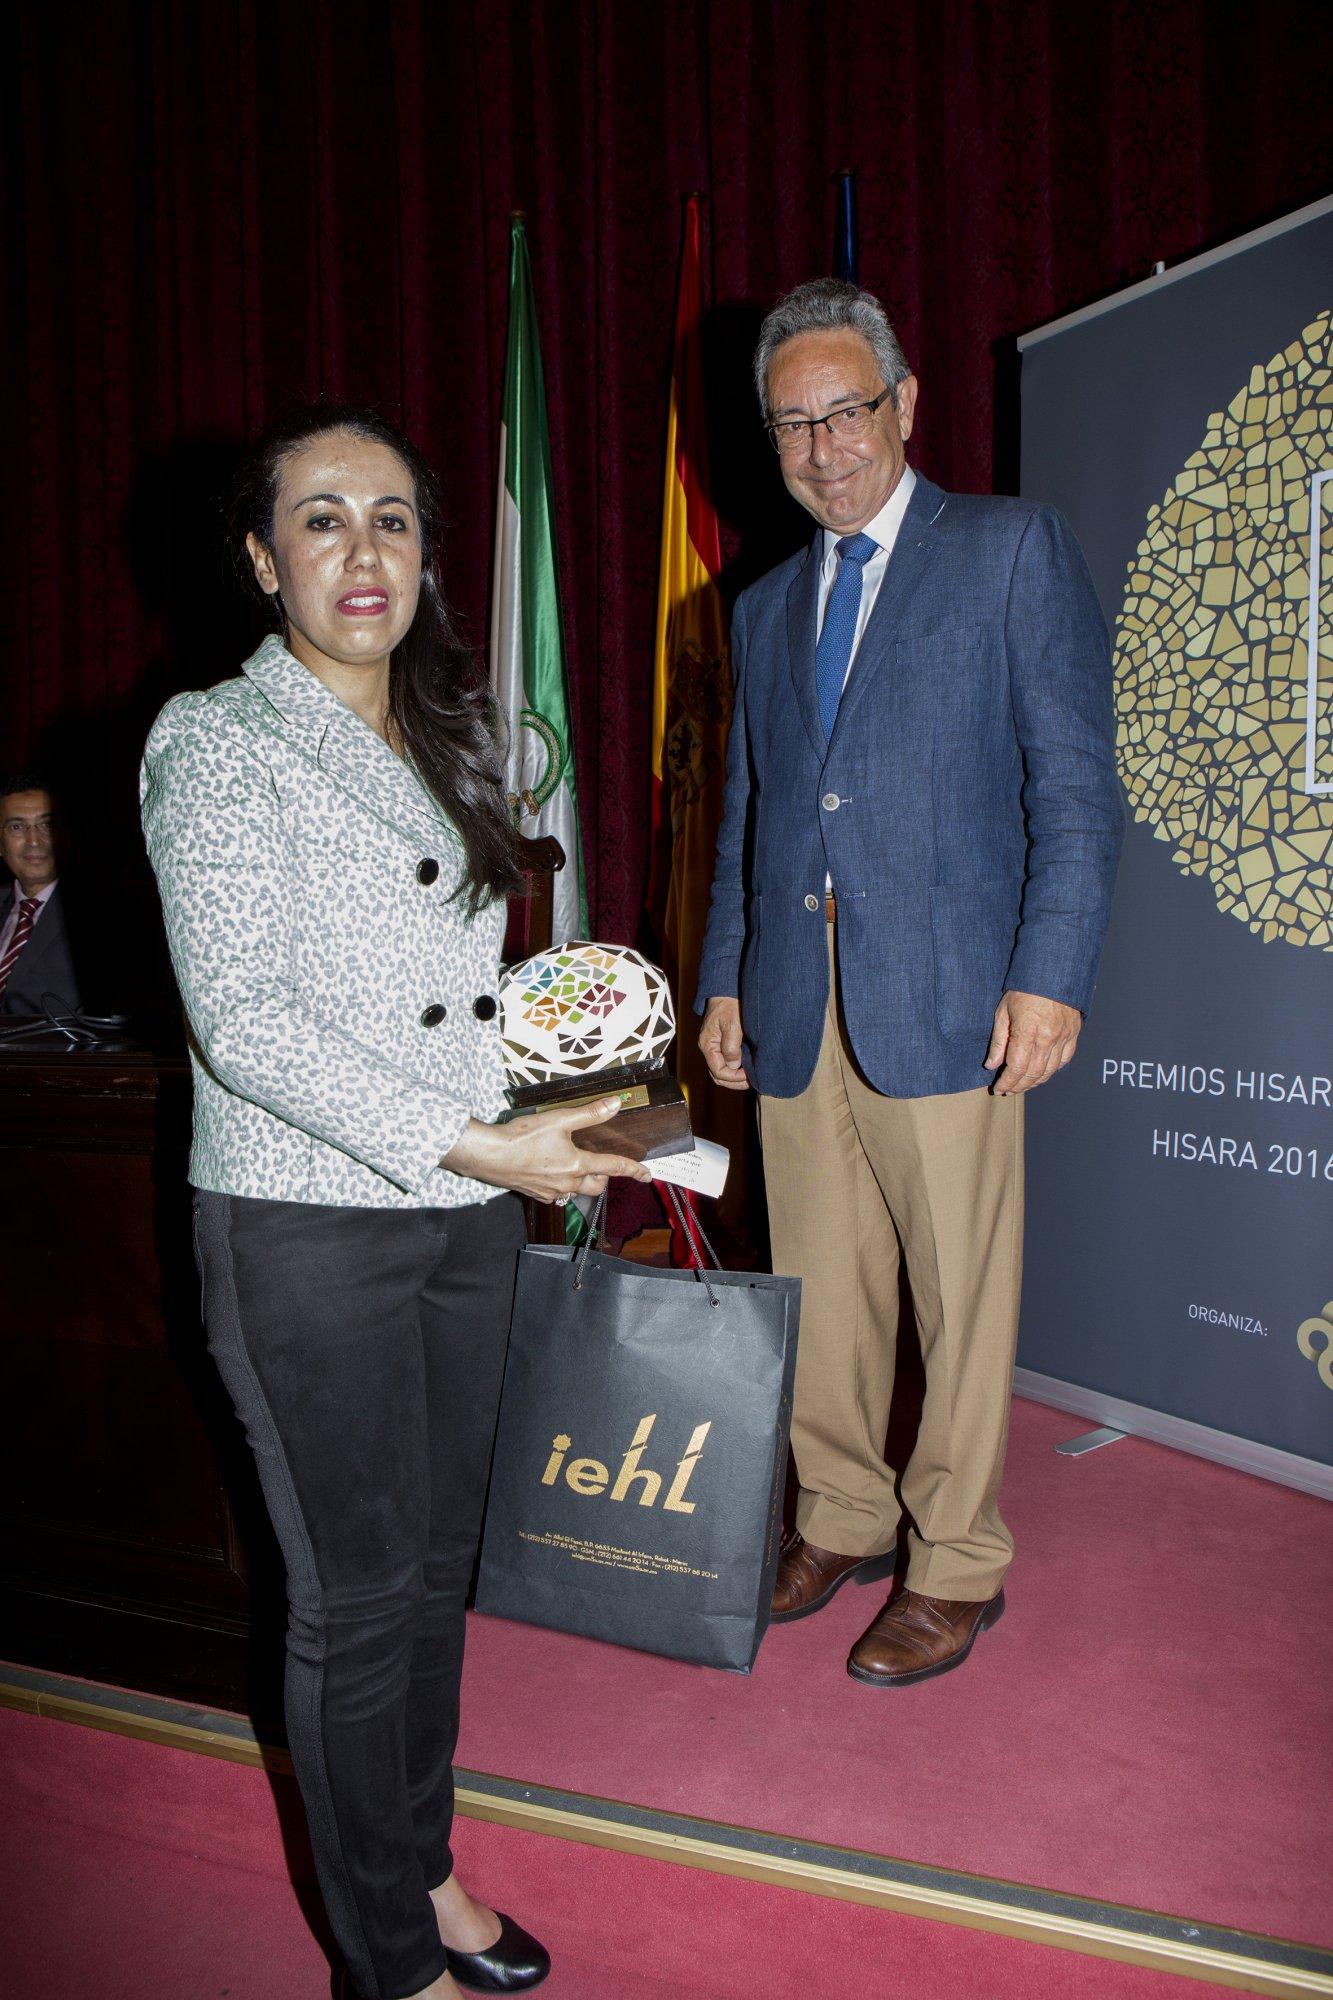 HISARA 2016 Awards Ceremony